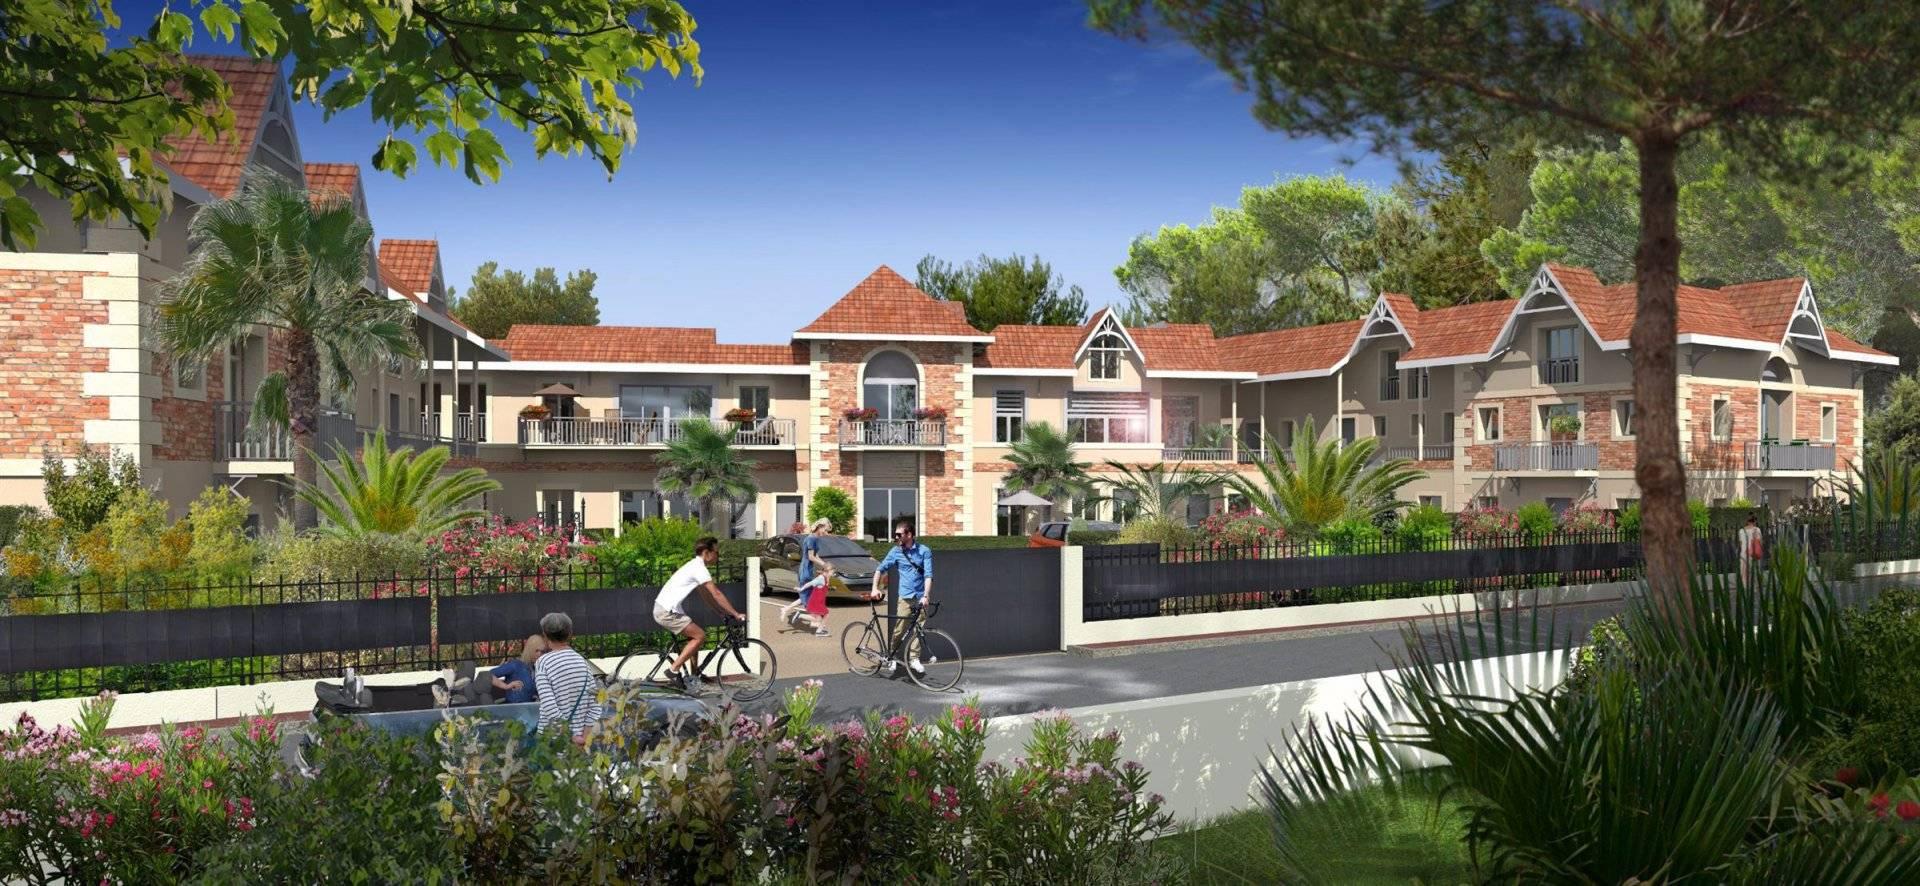 Achat de biens immobiliers neufs bordeaux coldwell banker for Appartement neuf bordeaux bastide